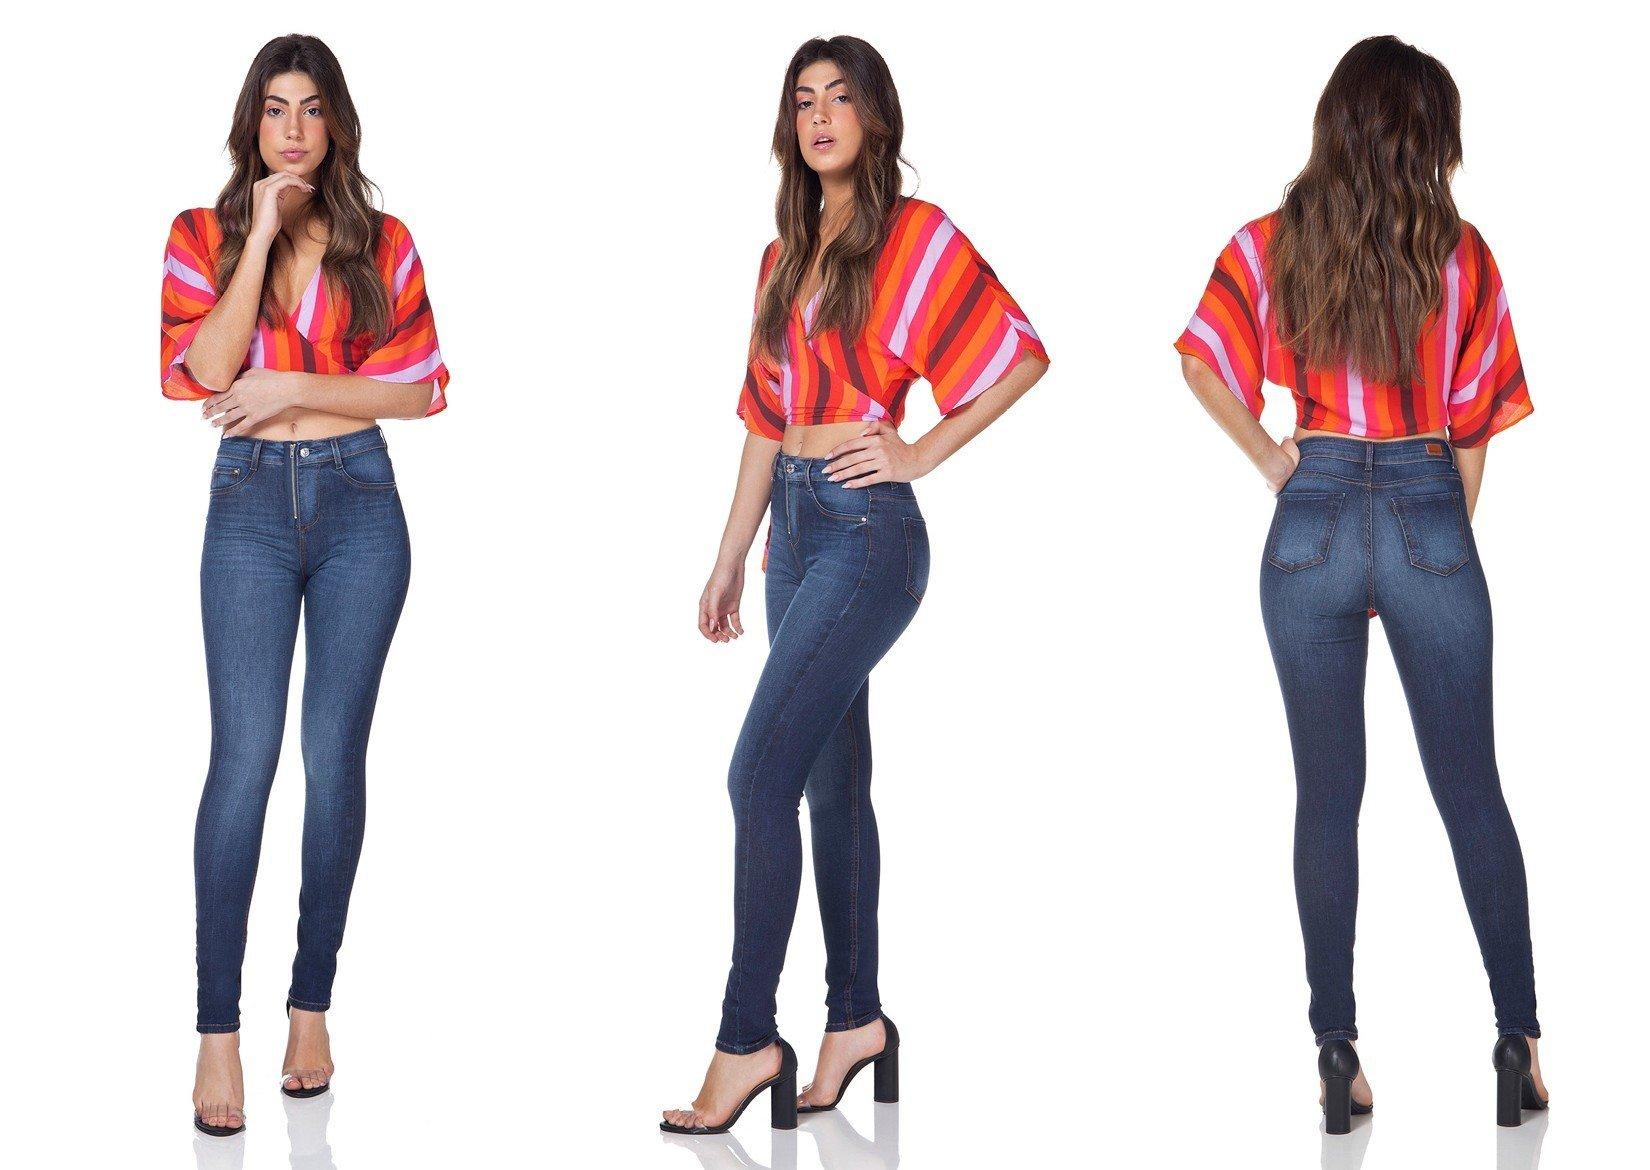 dz3095 calca jeans skinny media com ziper denim zero tripla